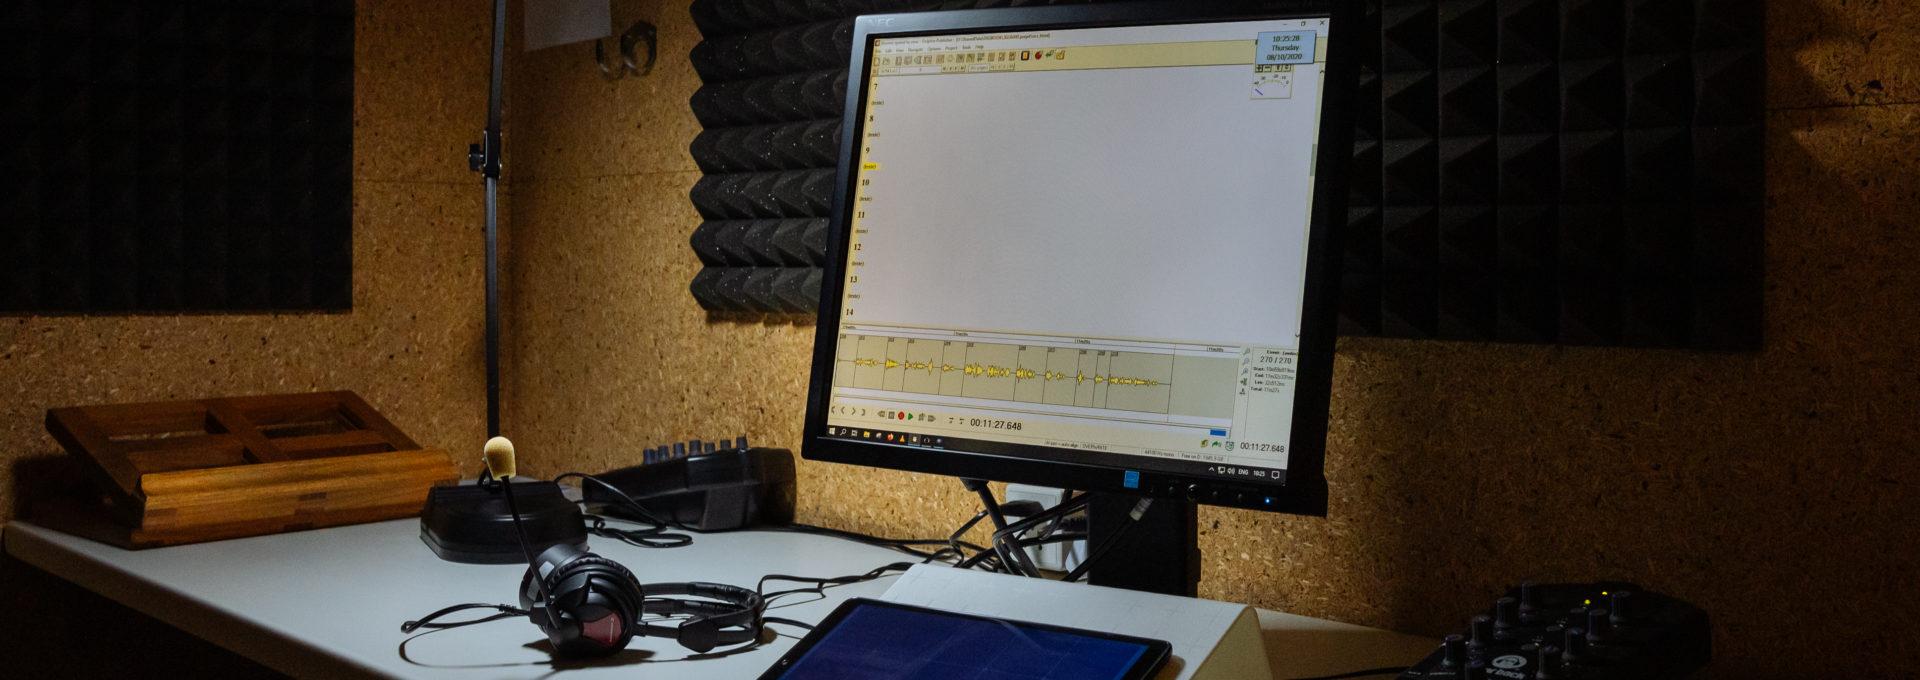 cabine d'enregistrement de la BBR